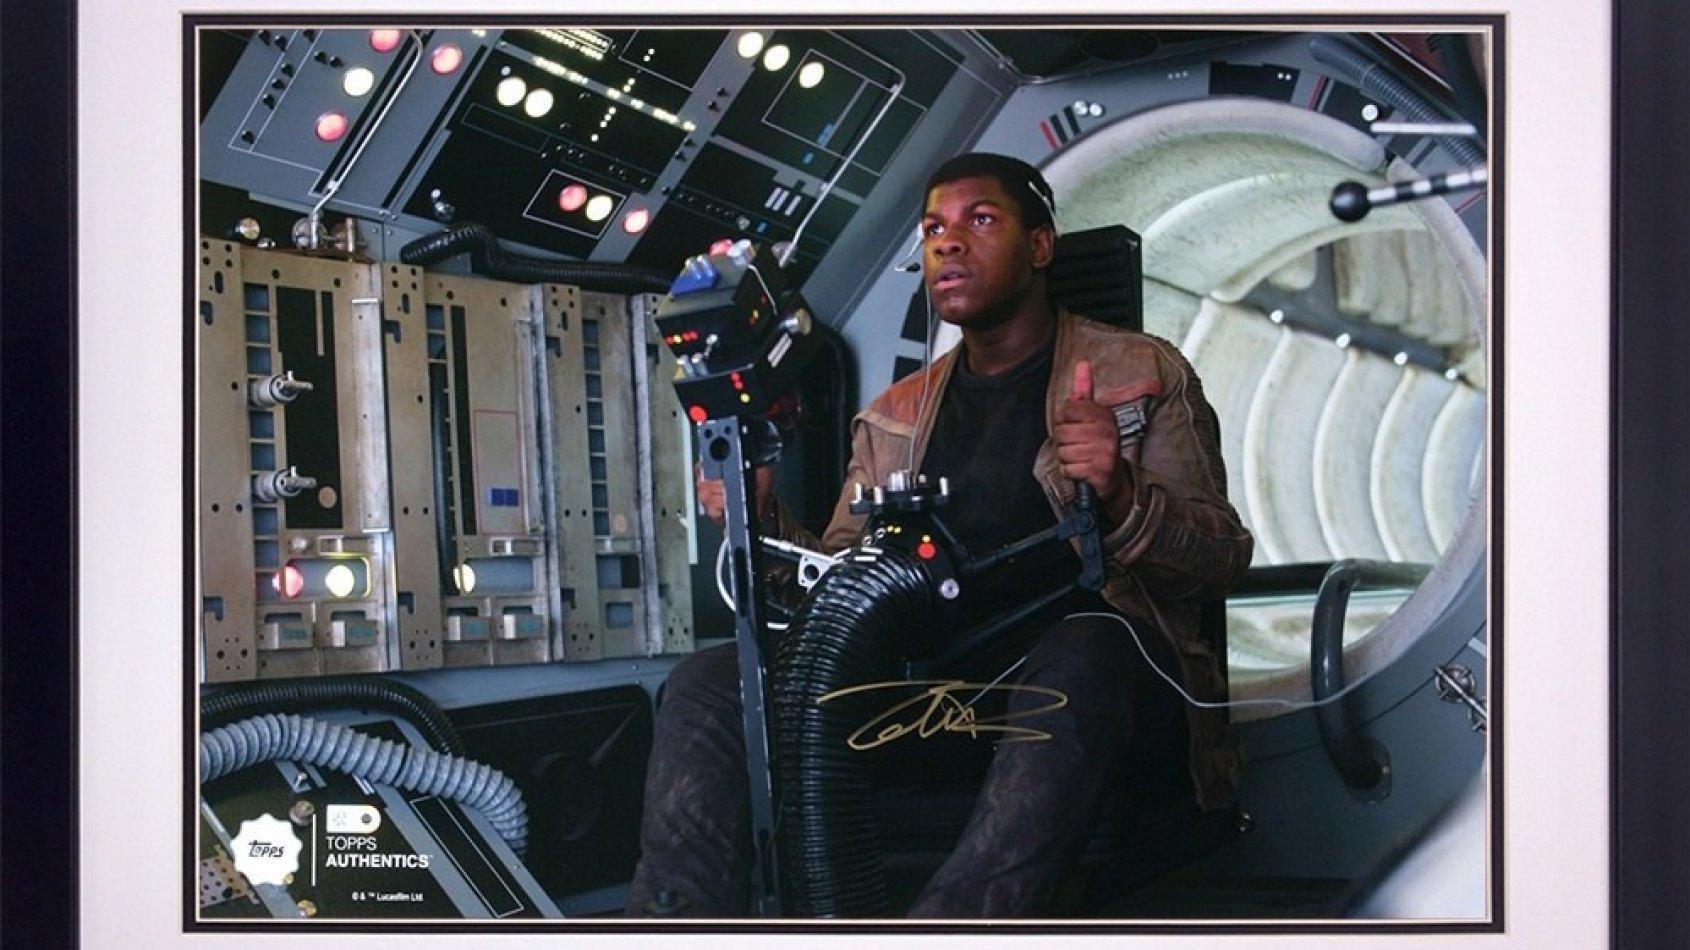 Des autographes et photos officiels Star Wars chez Topps !